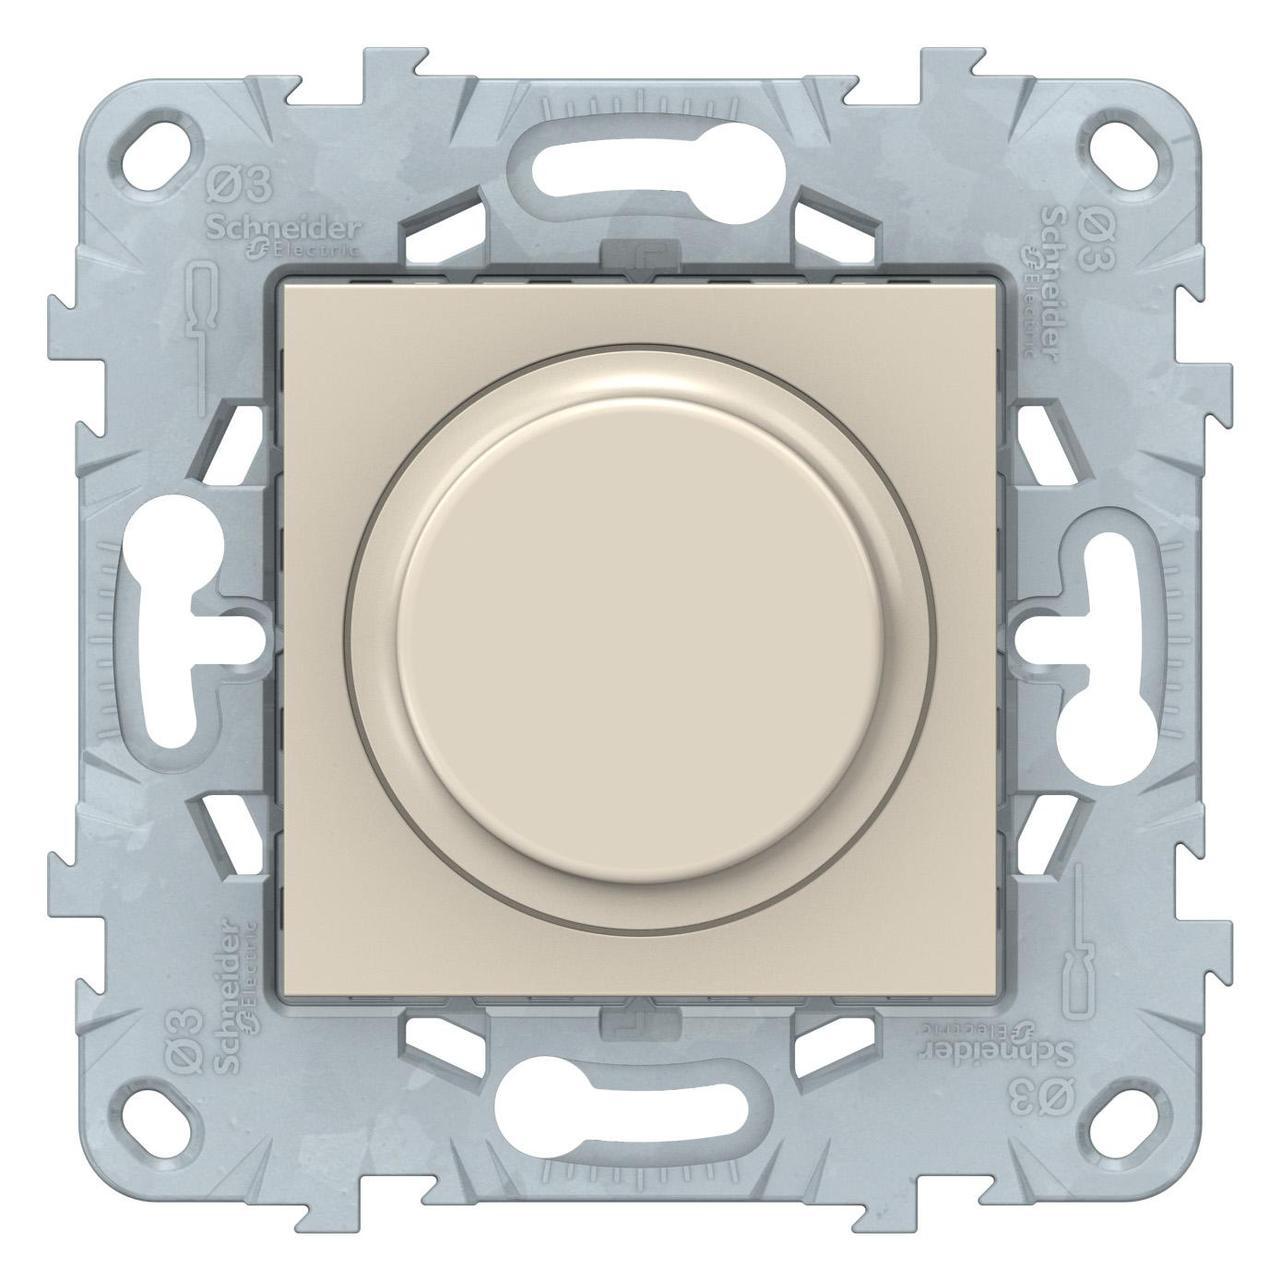 Диммер поворотно-нажимной , 200Вт LED универсальны , Бежевый, серия Unica New, Schneider Electric